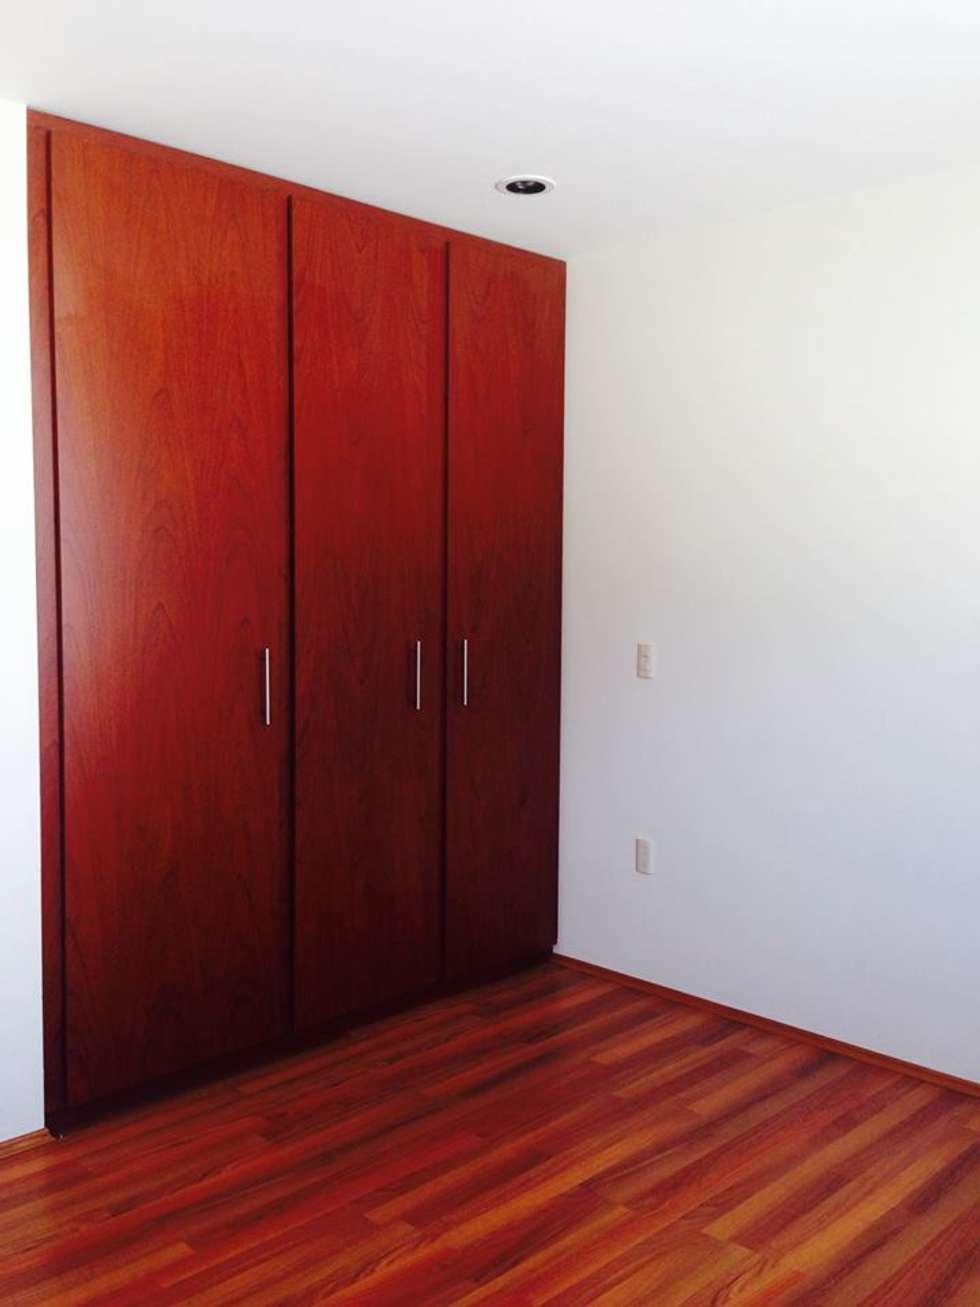 Málaga 01: Vestidores y closets de estilo mediterraneo por disain arquitectos